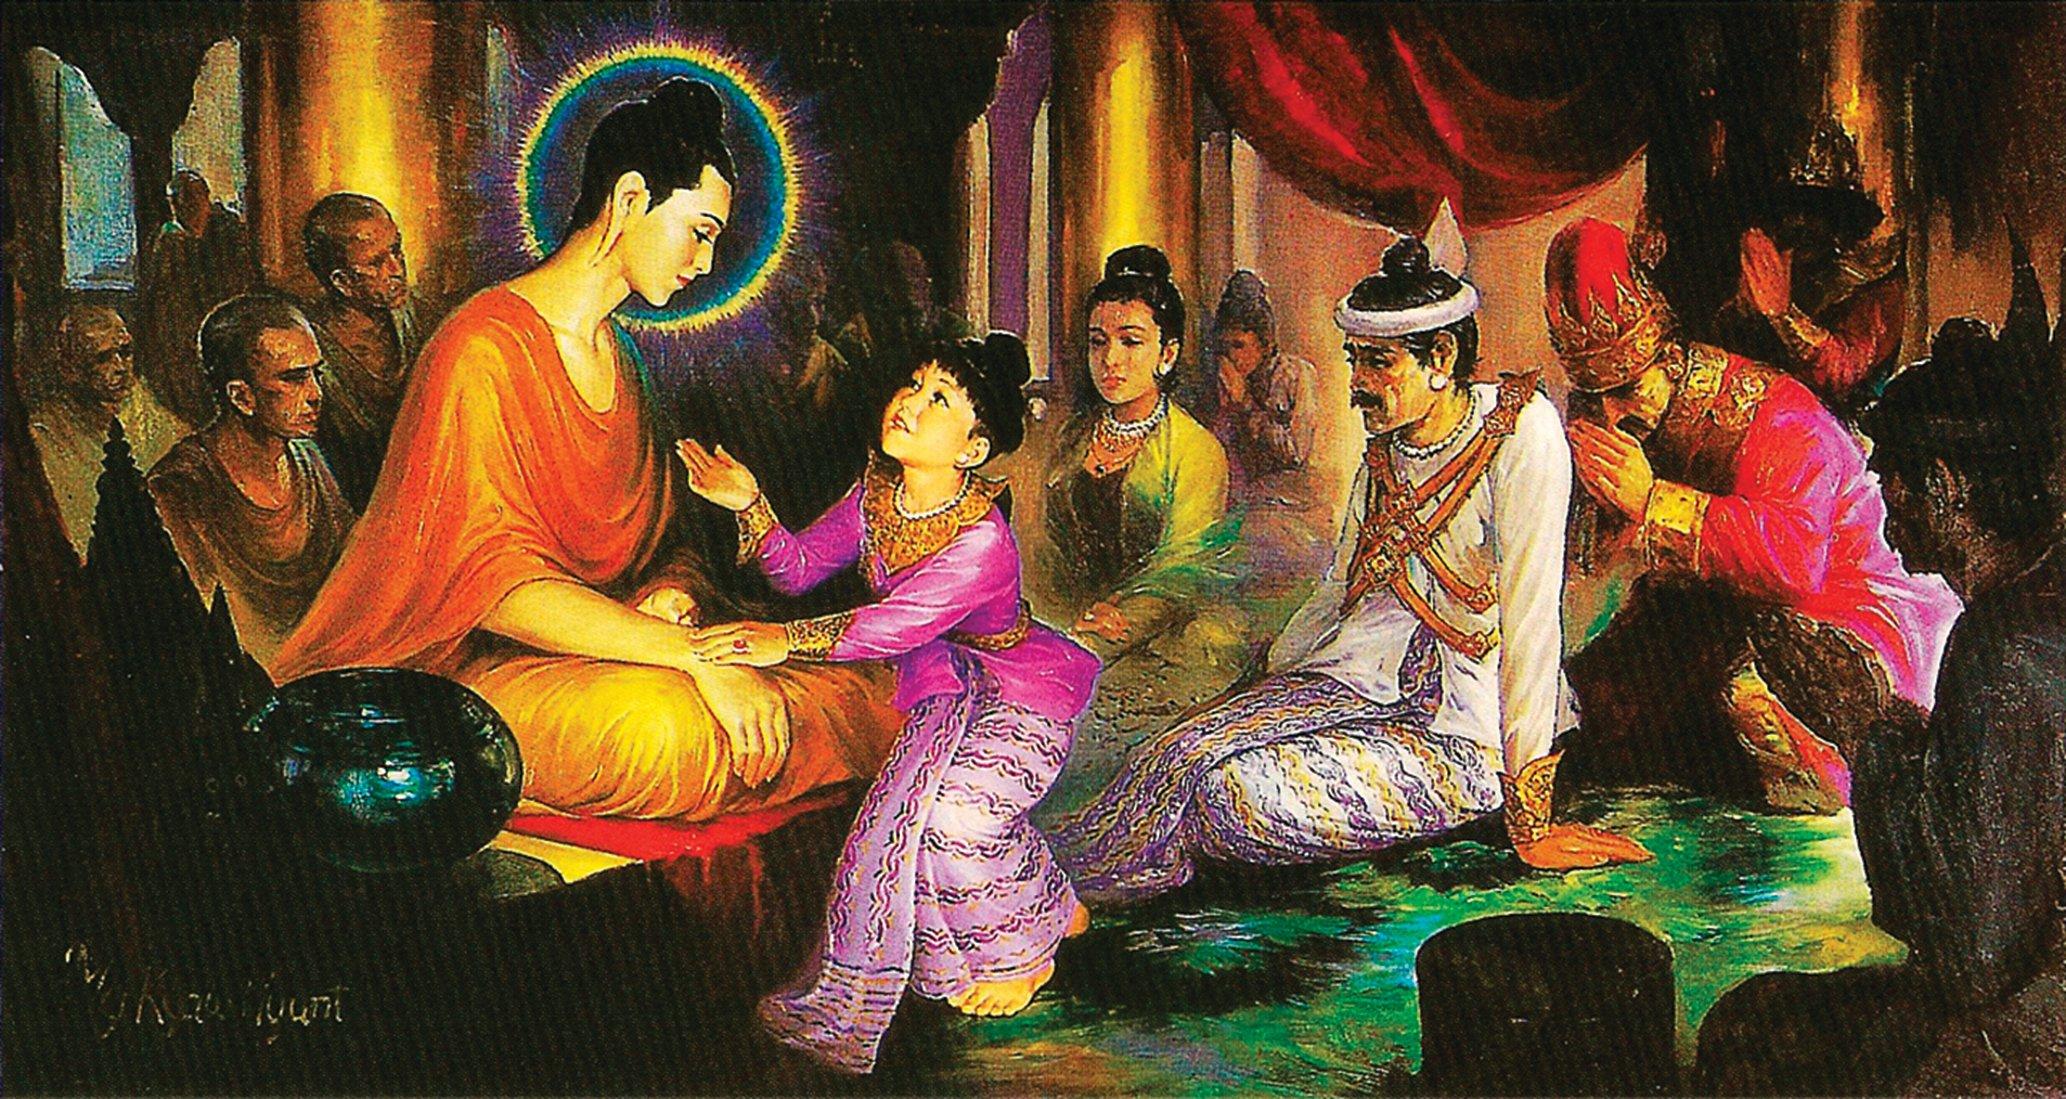 釋迦牟尼佛與兒子羅睺羅。(Hintha/Wikimedia Commons)